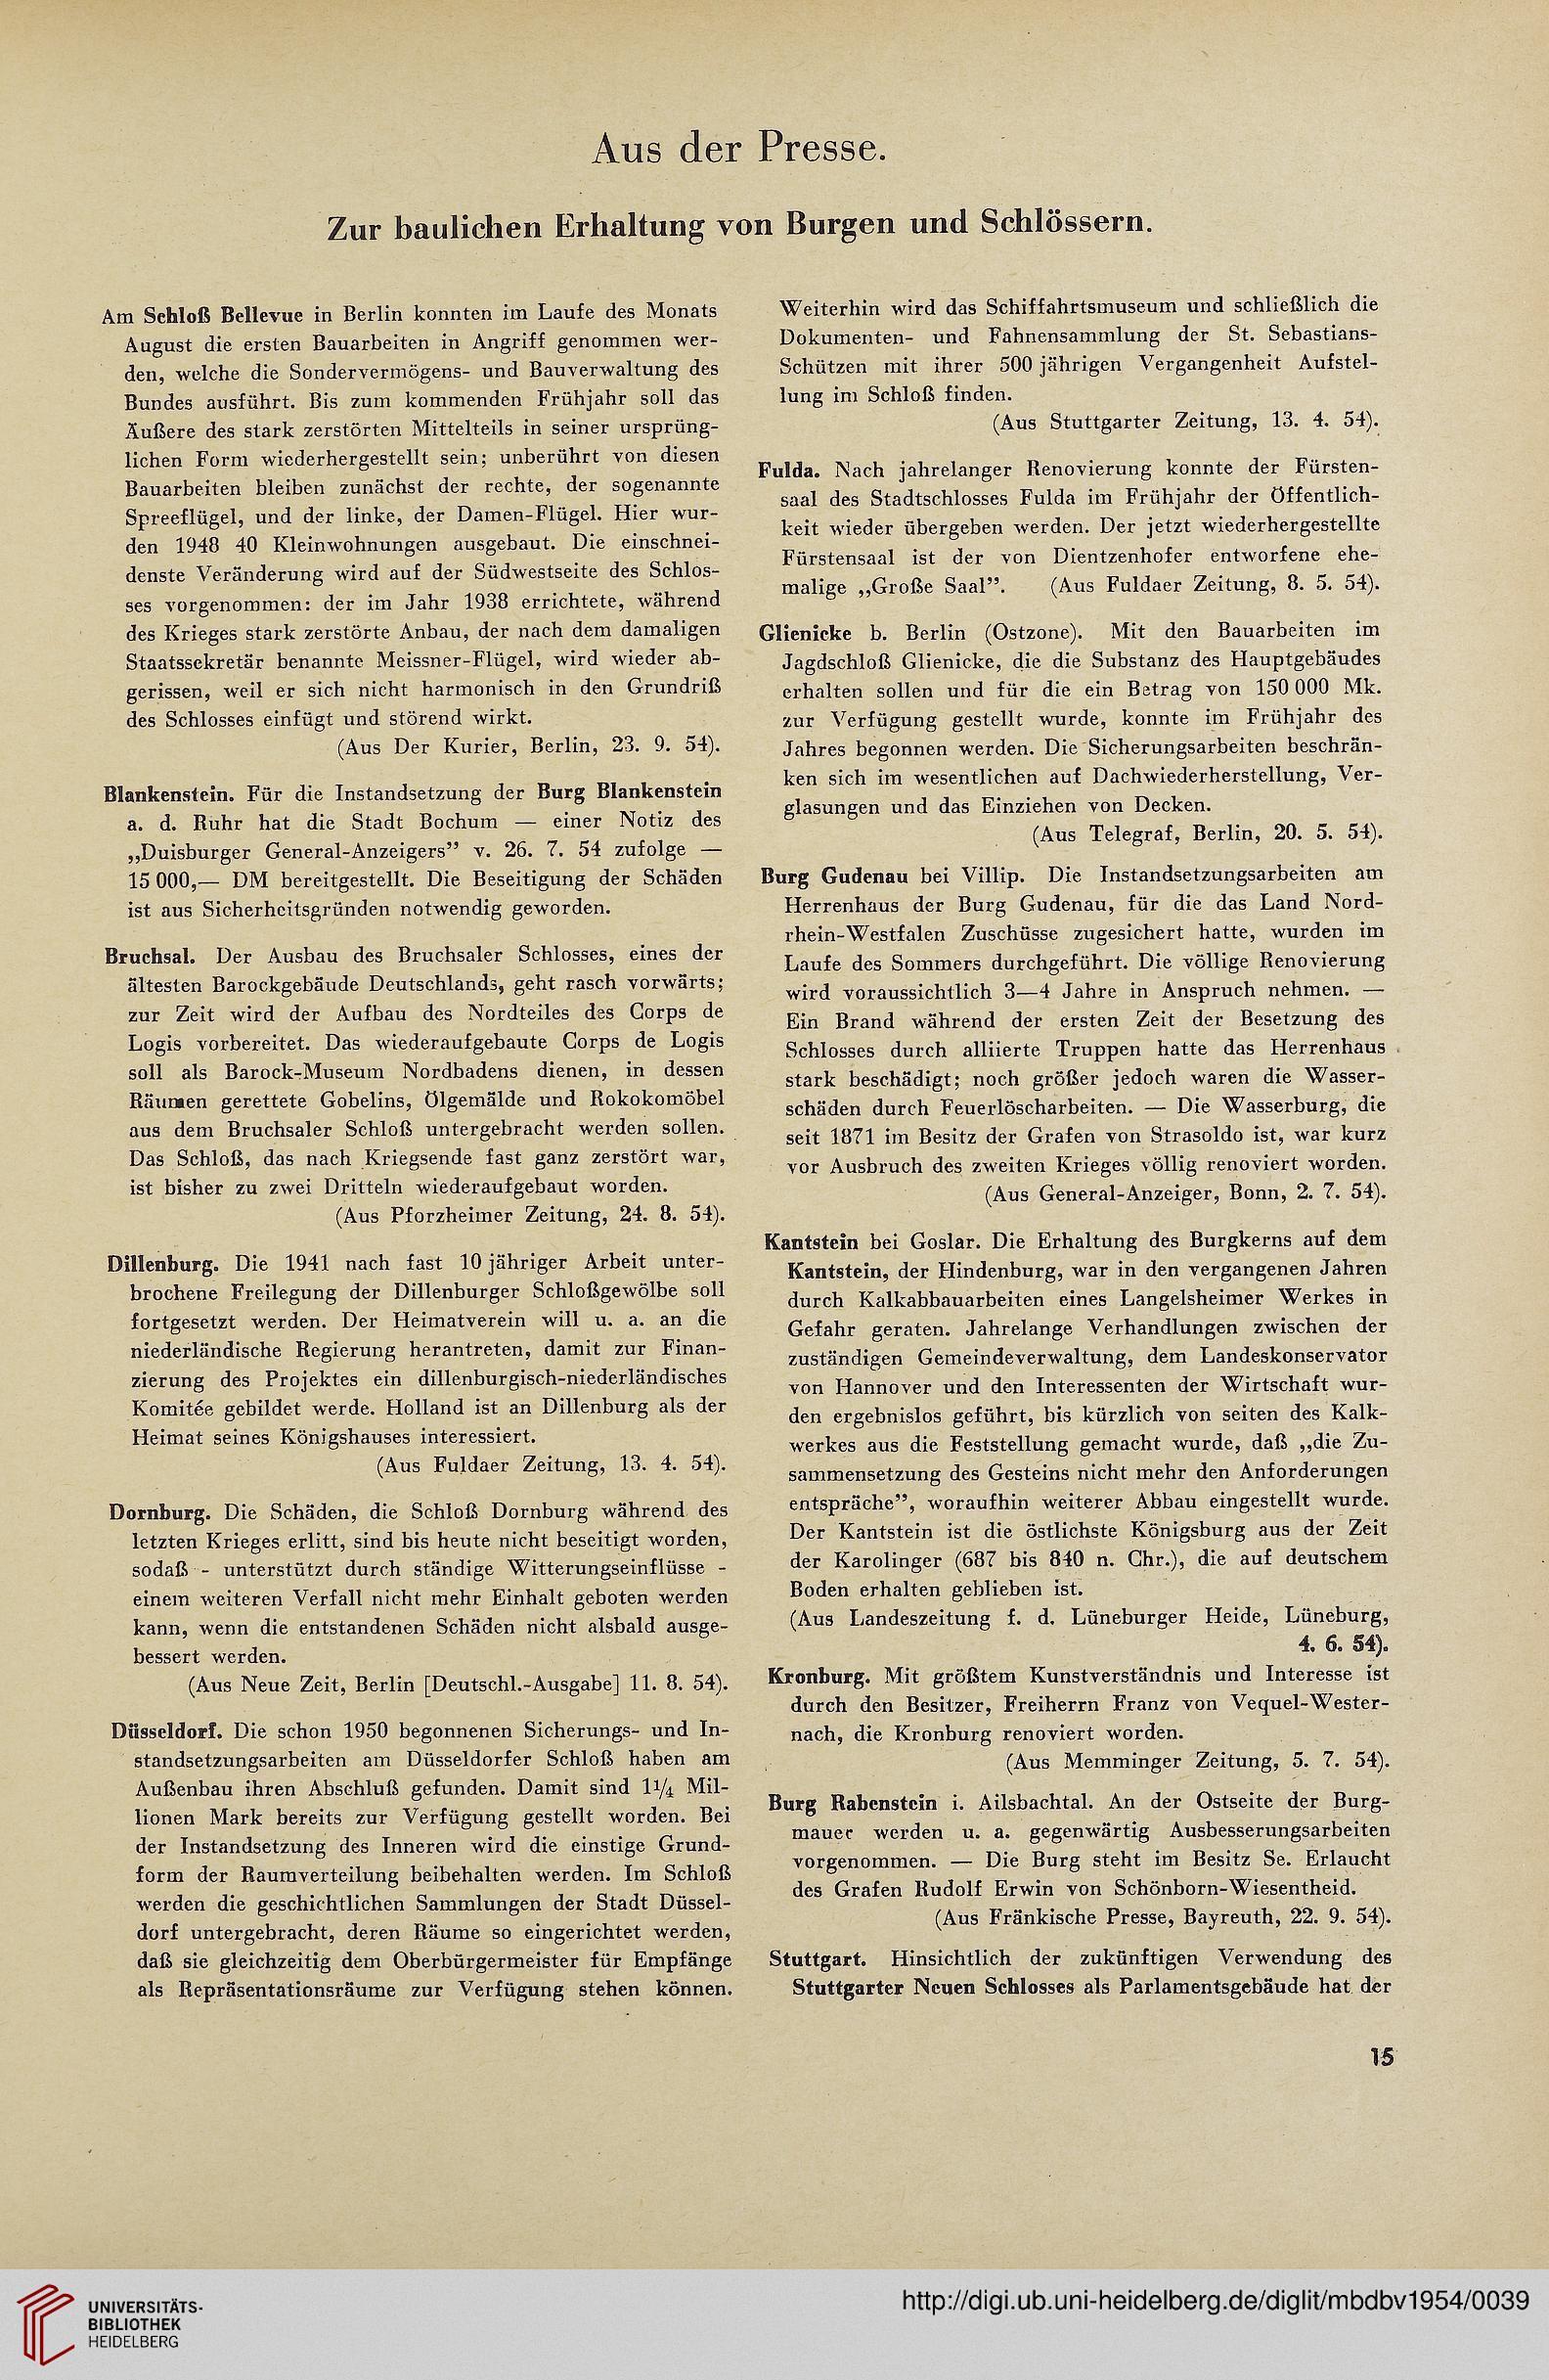 Mitteilungsbl. d. Deutschen Burgenvereinigung e.V. zum Schutze ...